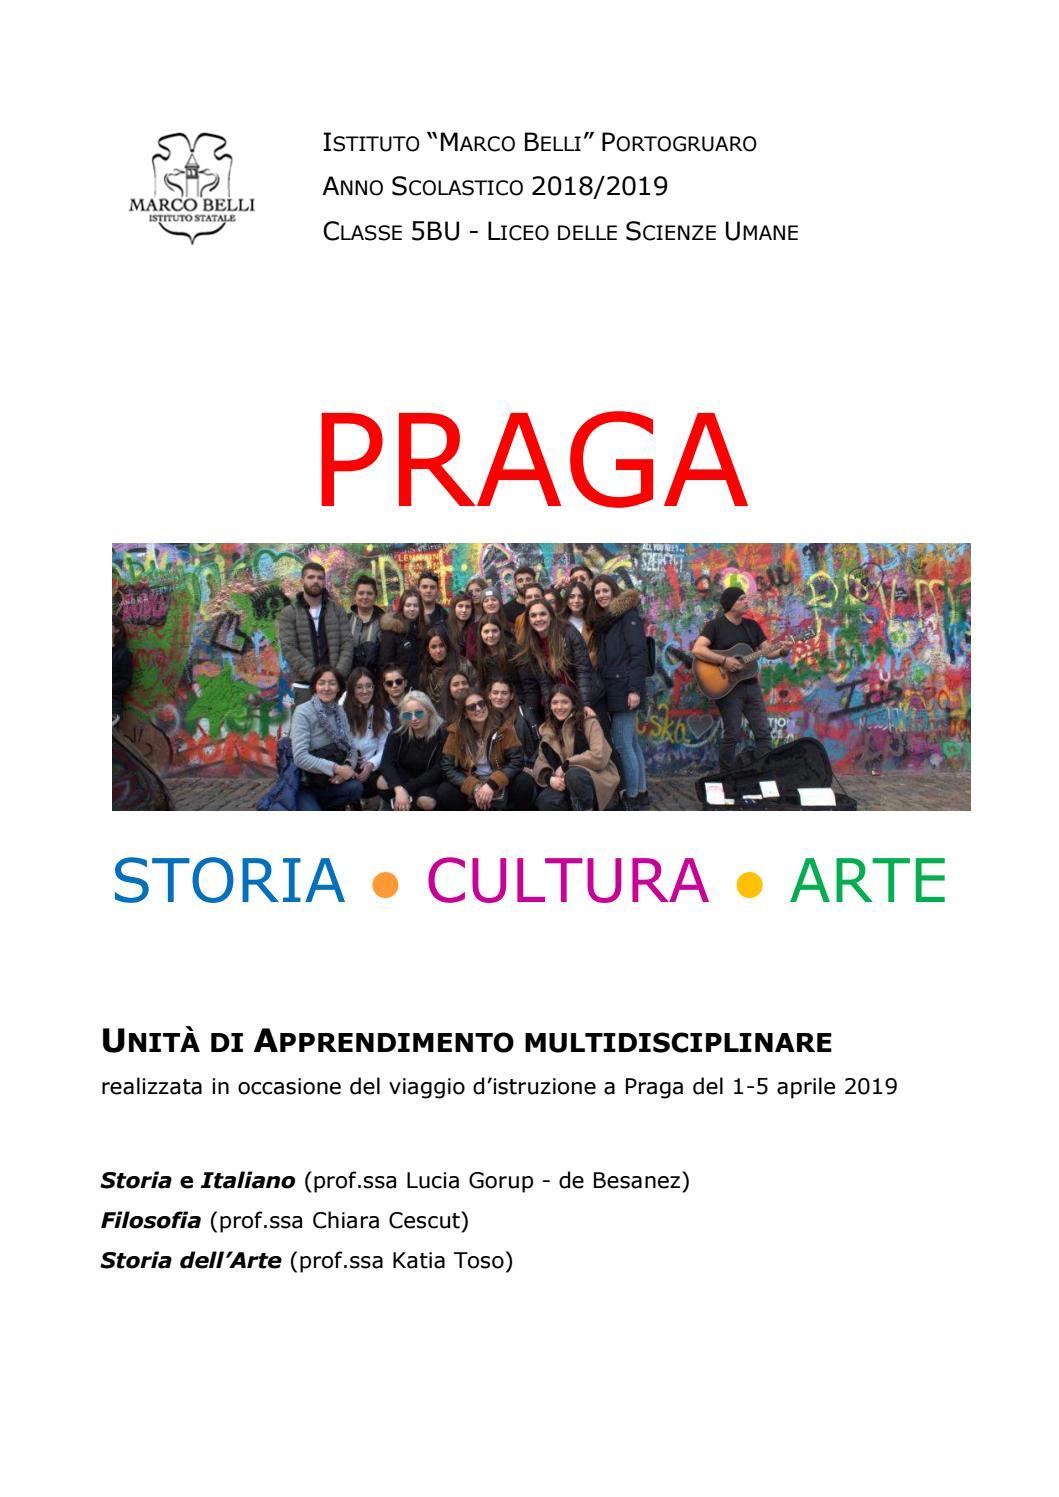 Praga Storia Cultura E Arte By Liceo Marco Belli Issuu